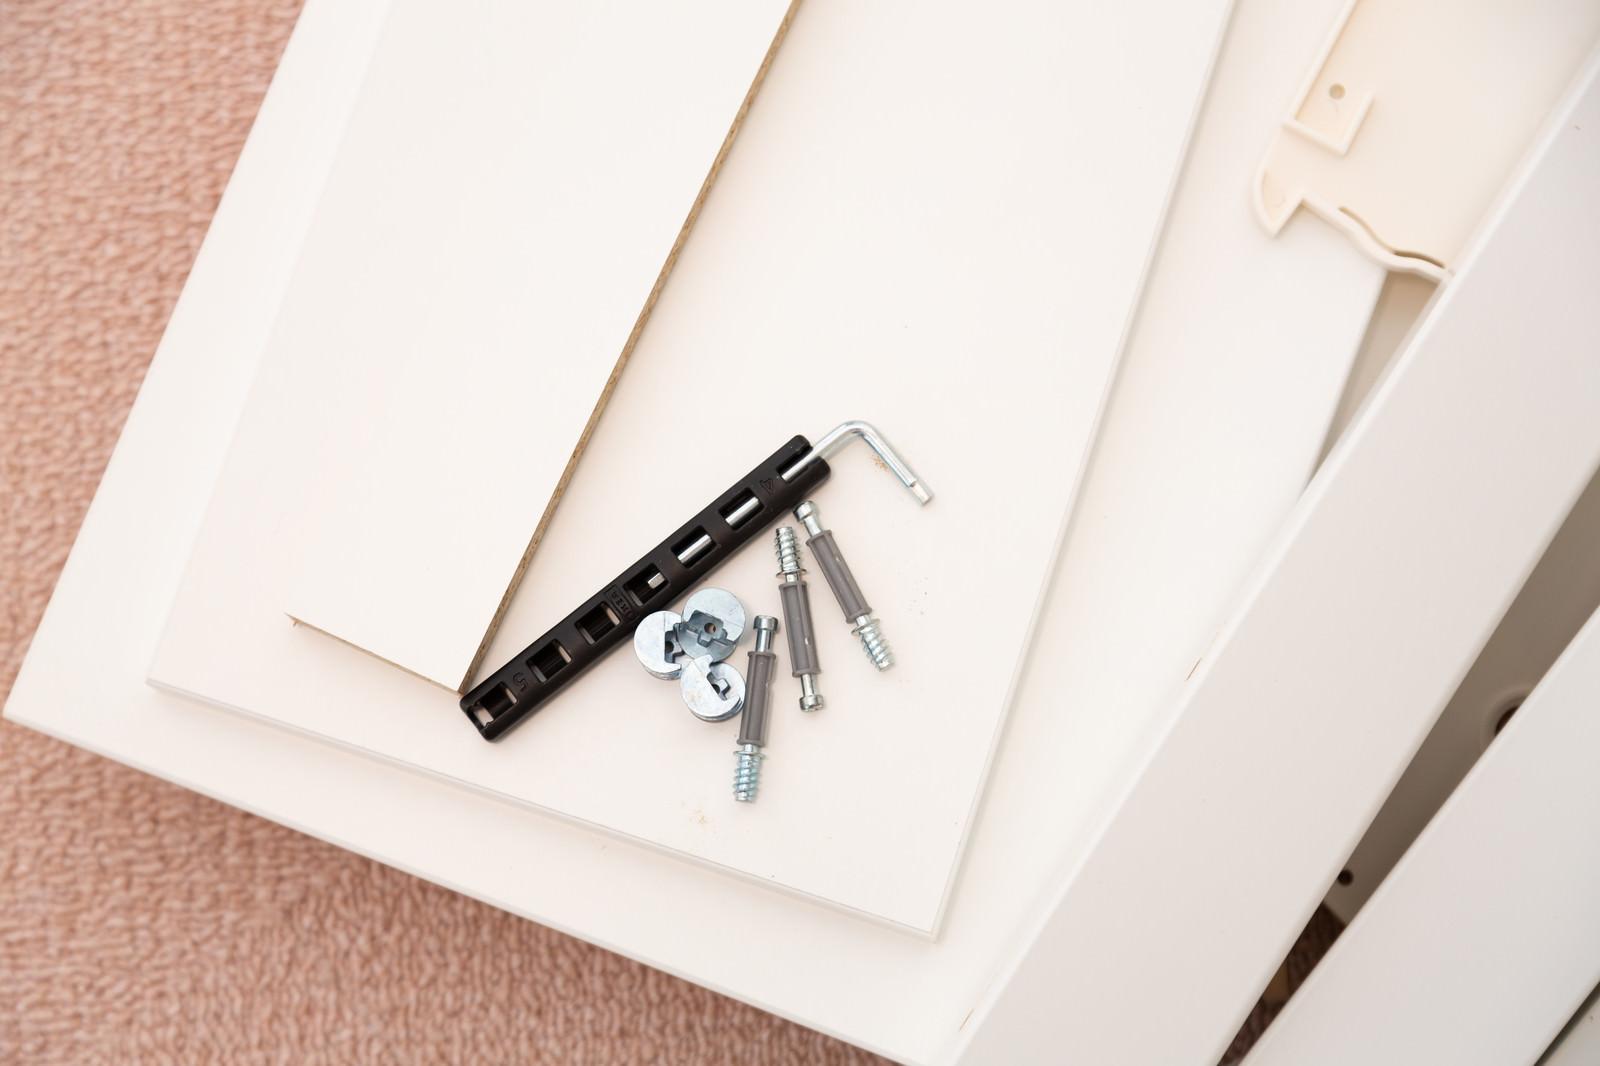 「開梱したばかりの組み立て家具」の写真